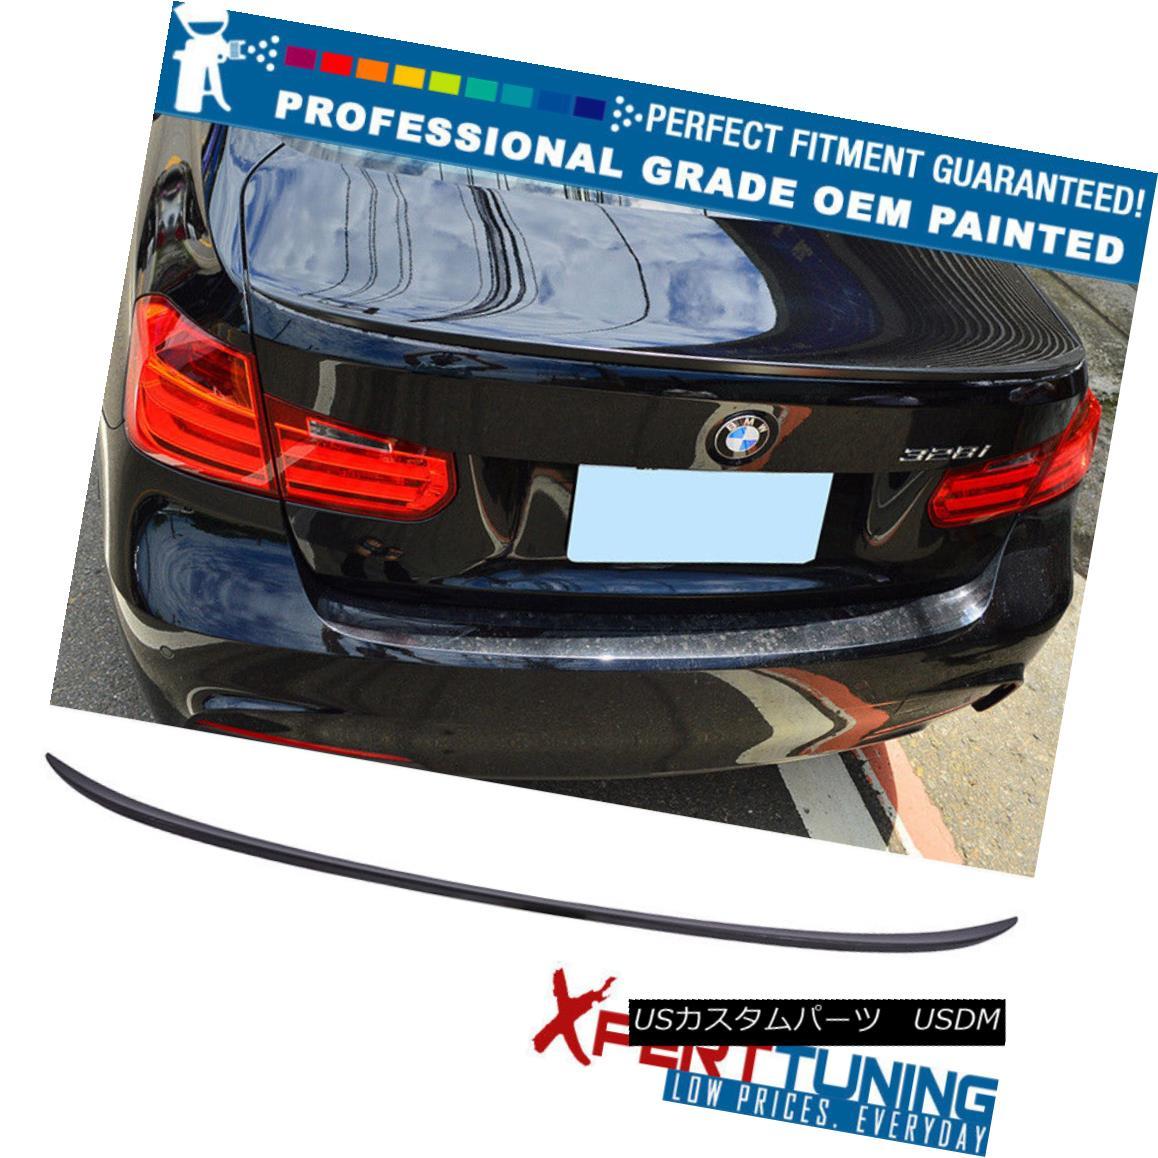 エアロパーツ 14-17 F80 M3 4Dr OEM Painted Color Performance Painted Trunk Spoiler - ABS 14-17 F80 M3 4Dr OEM塗装カラーパフォーマンス塗装トランクスポイラー - ABS